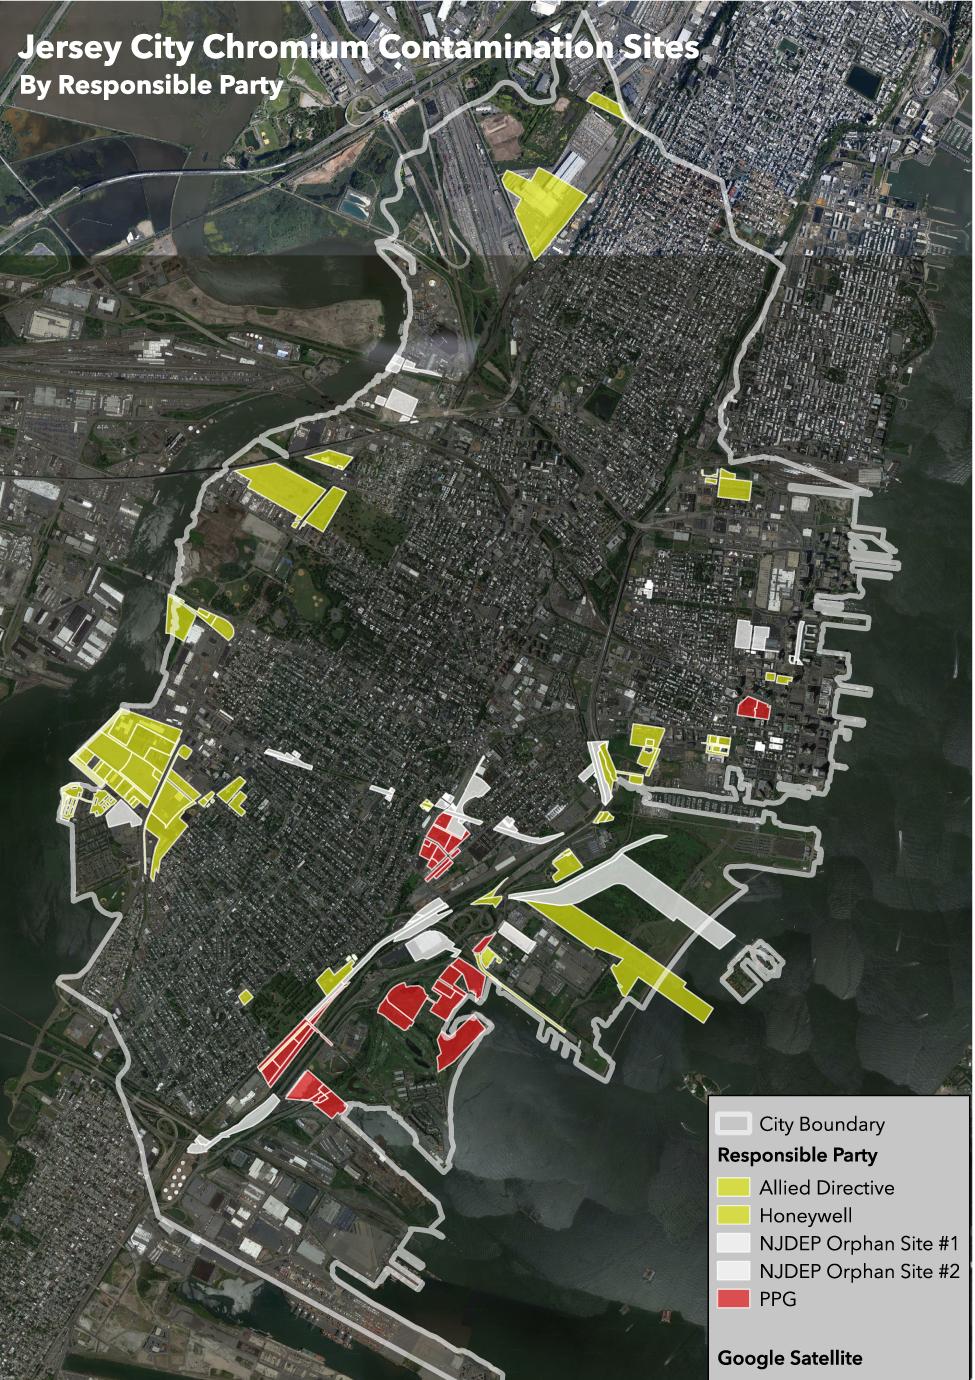 Jersey City Chromium Contamination Sites